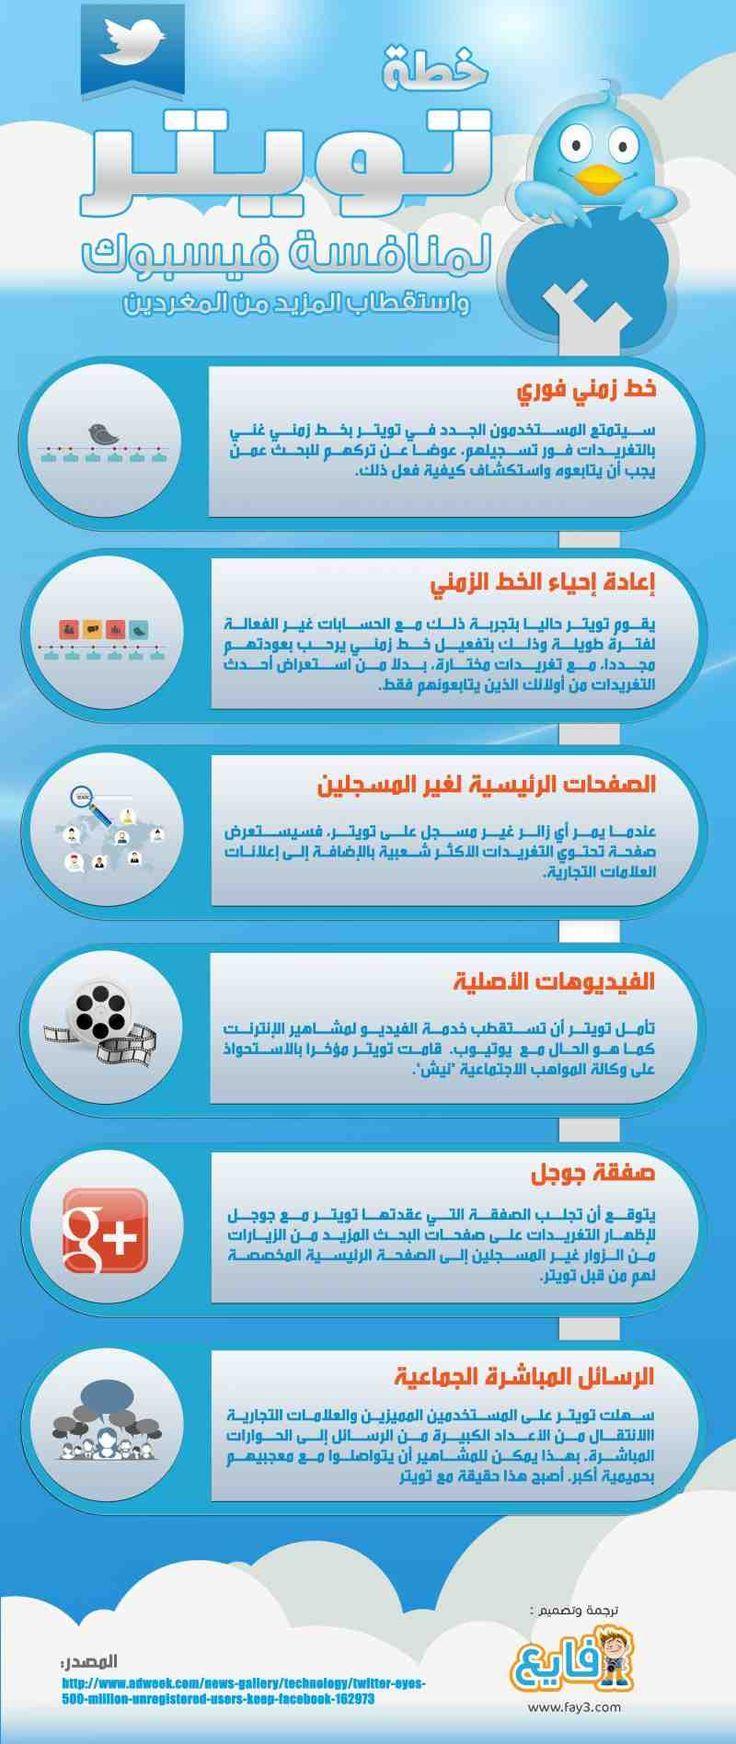 خطة تويتر لمنافسة فيس بوك سوشيال ميديا التسويق الالكتروني How To Plan Social Media Media Communication